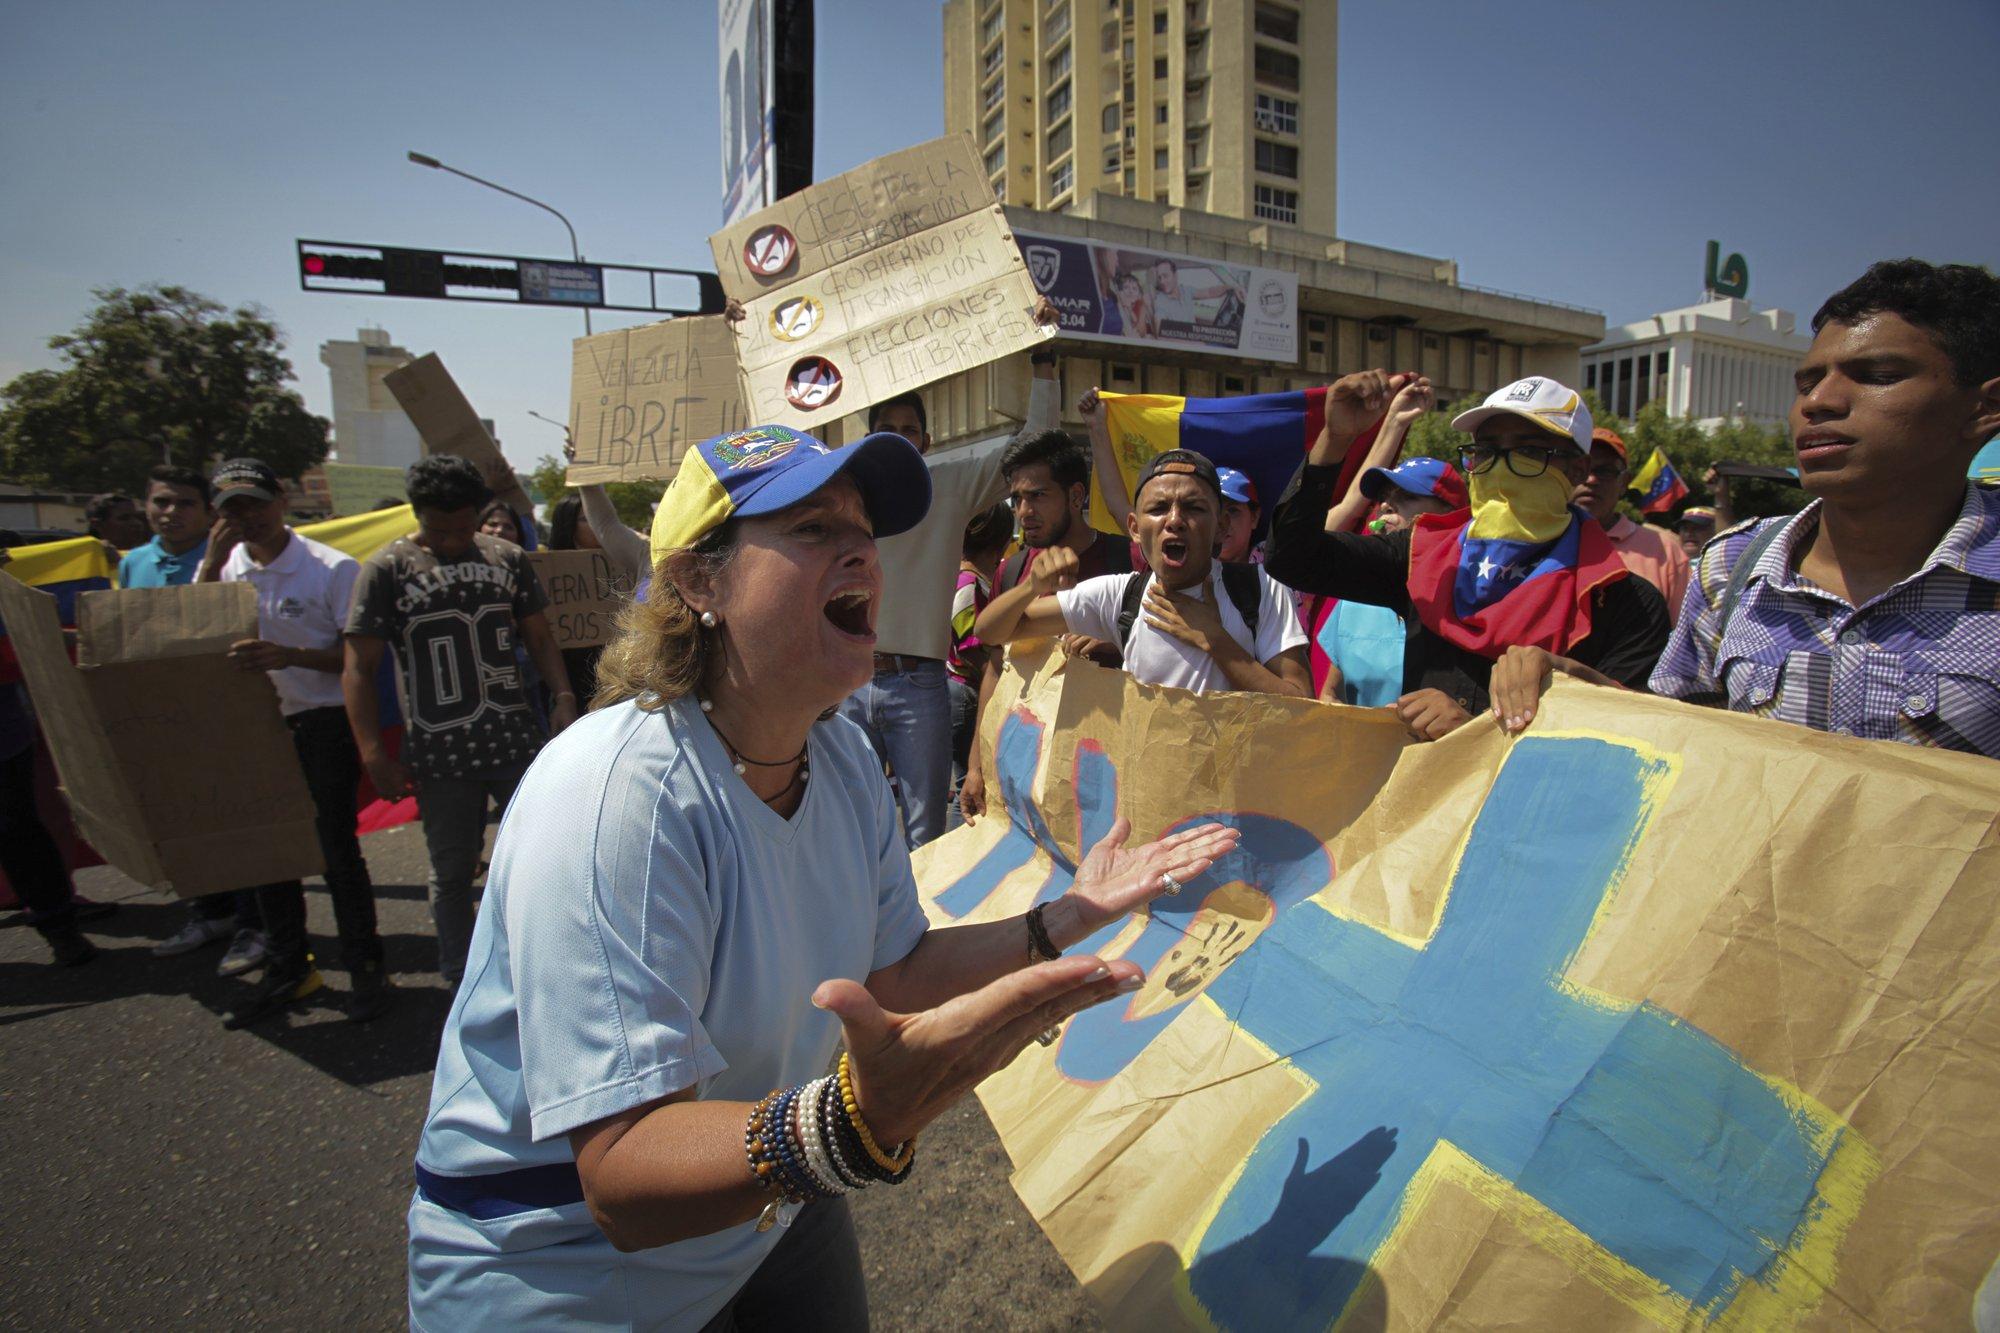 Thông tin về biến động chính trị ở Venezuela cho hết vào đây